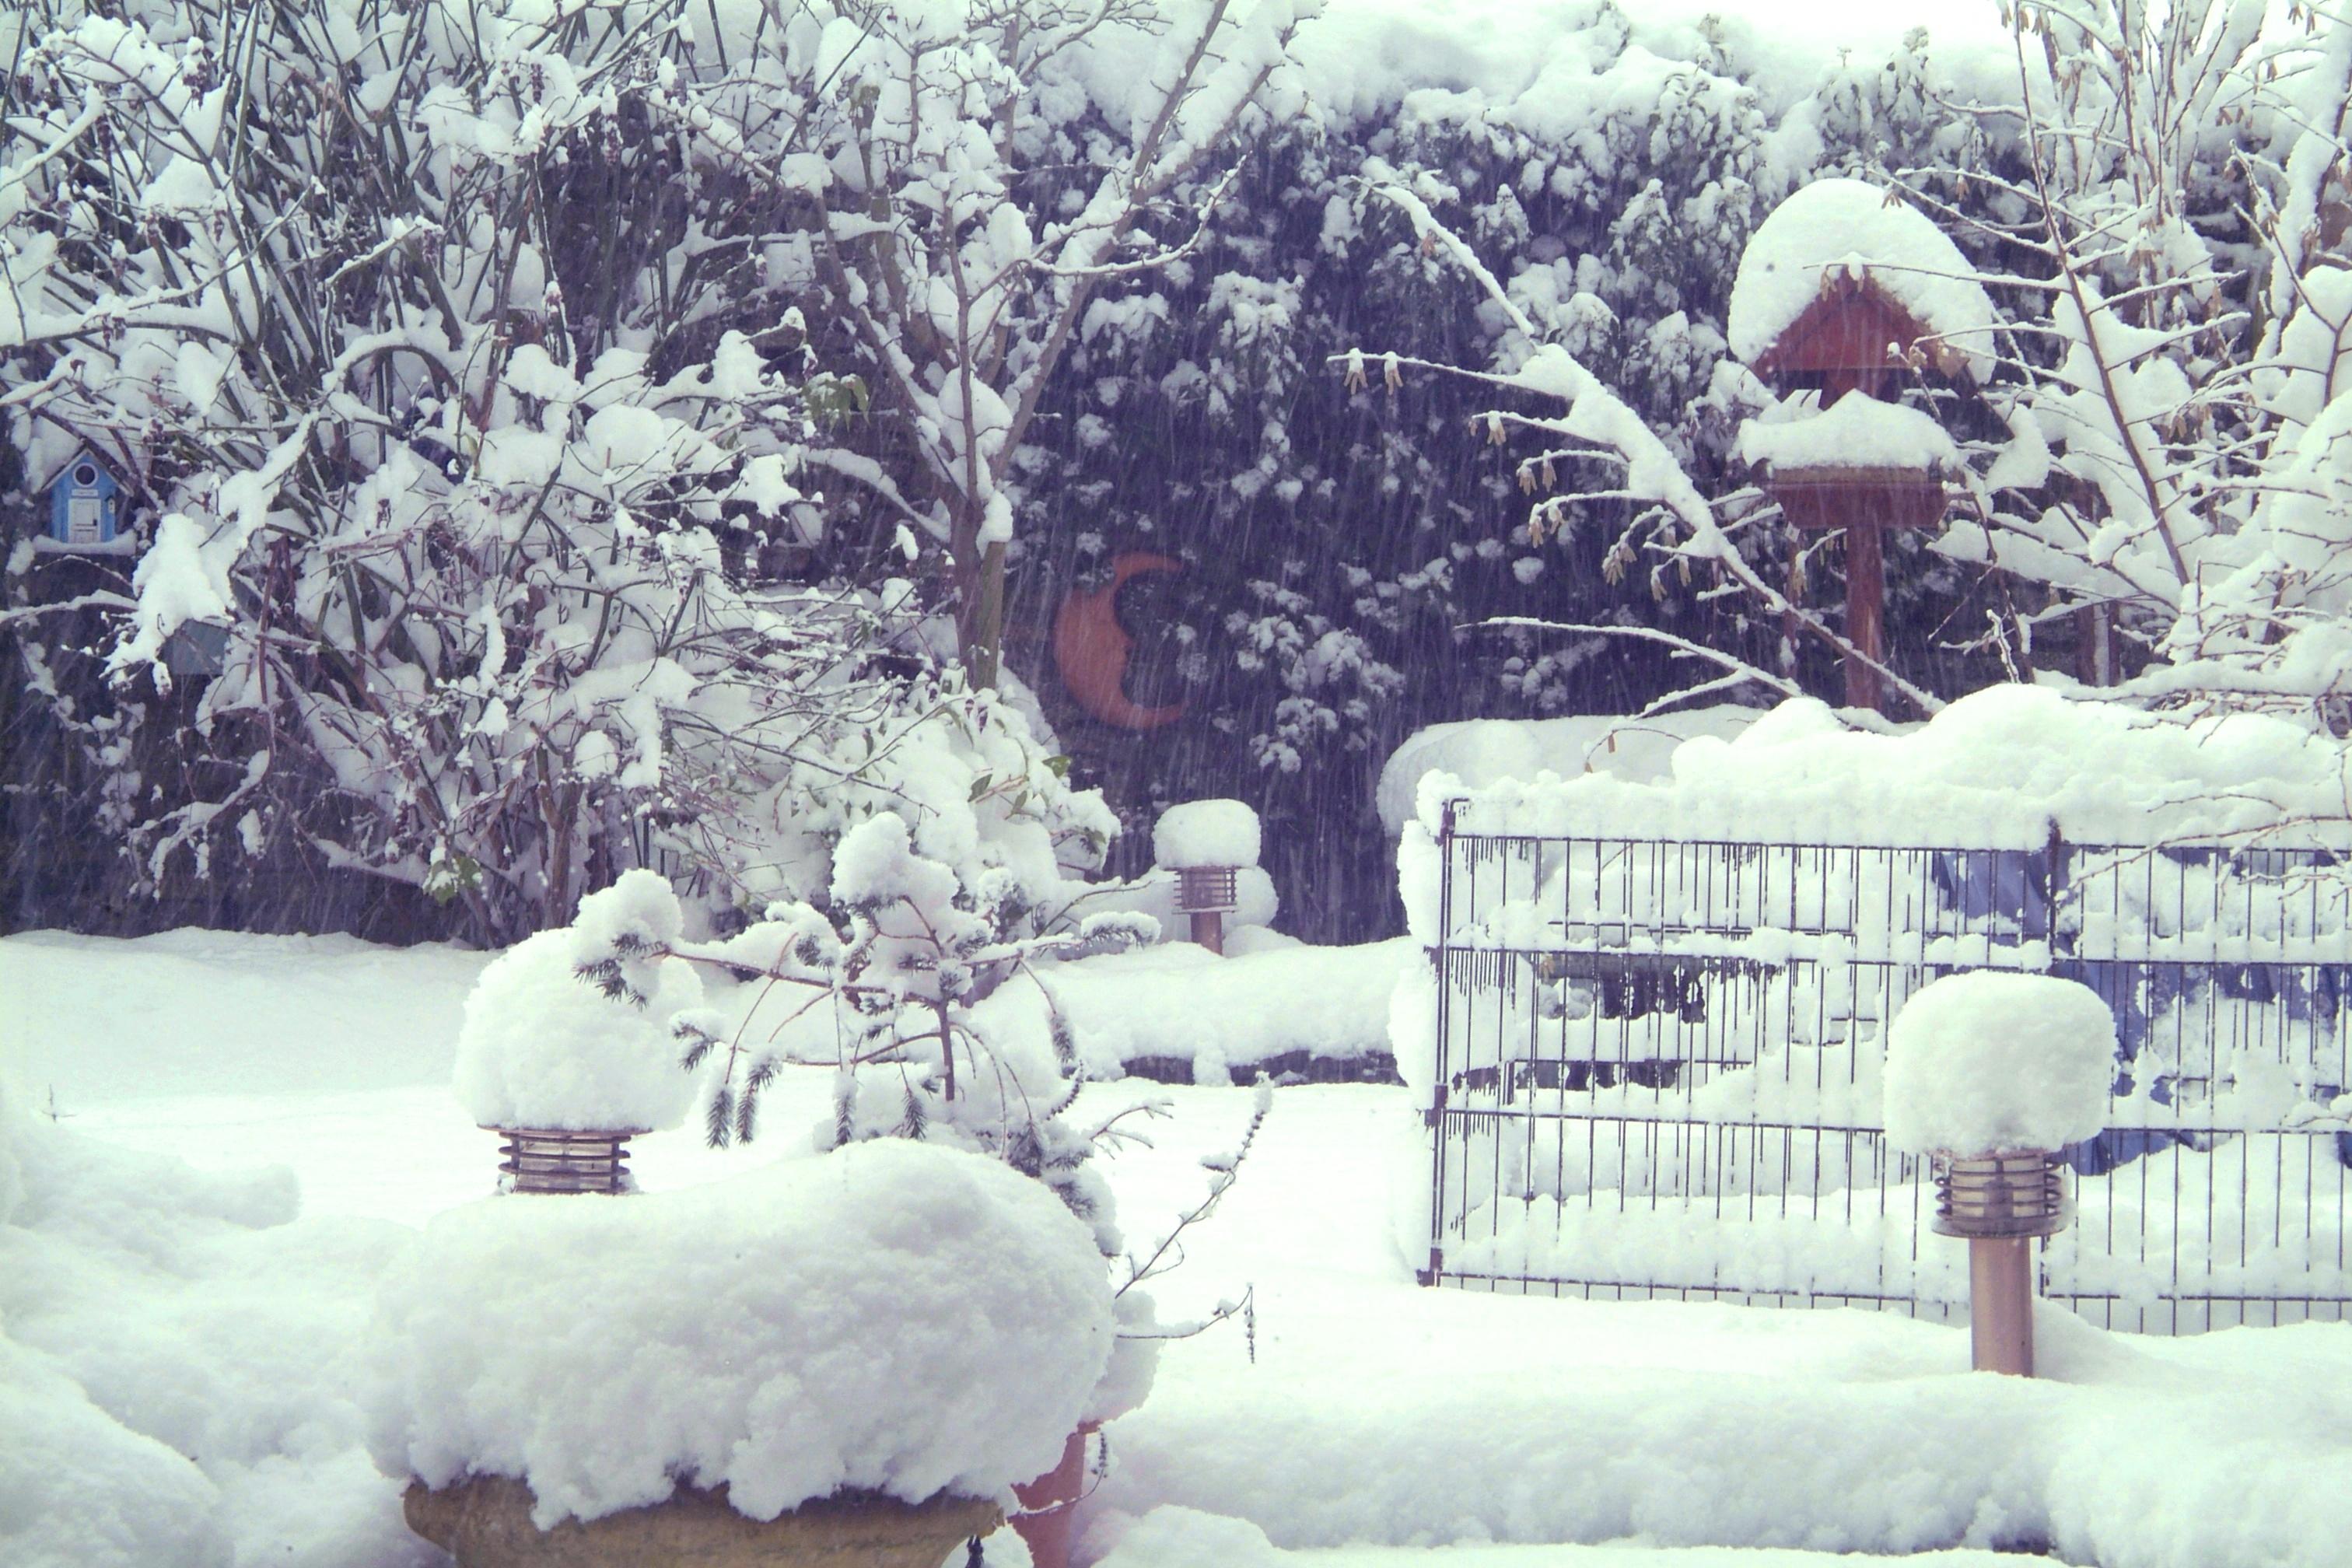 Snow Garden Feb 19 01